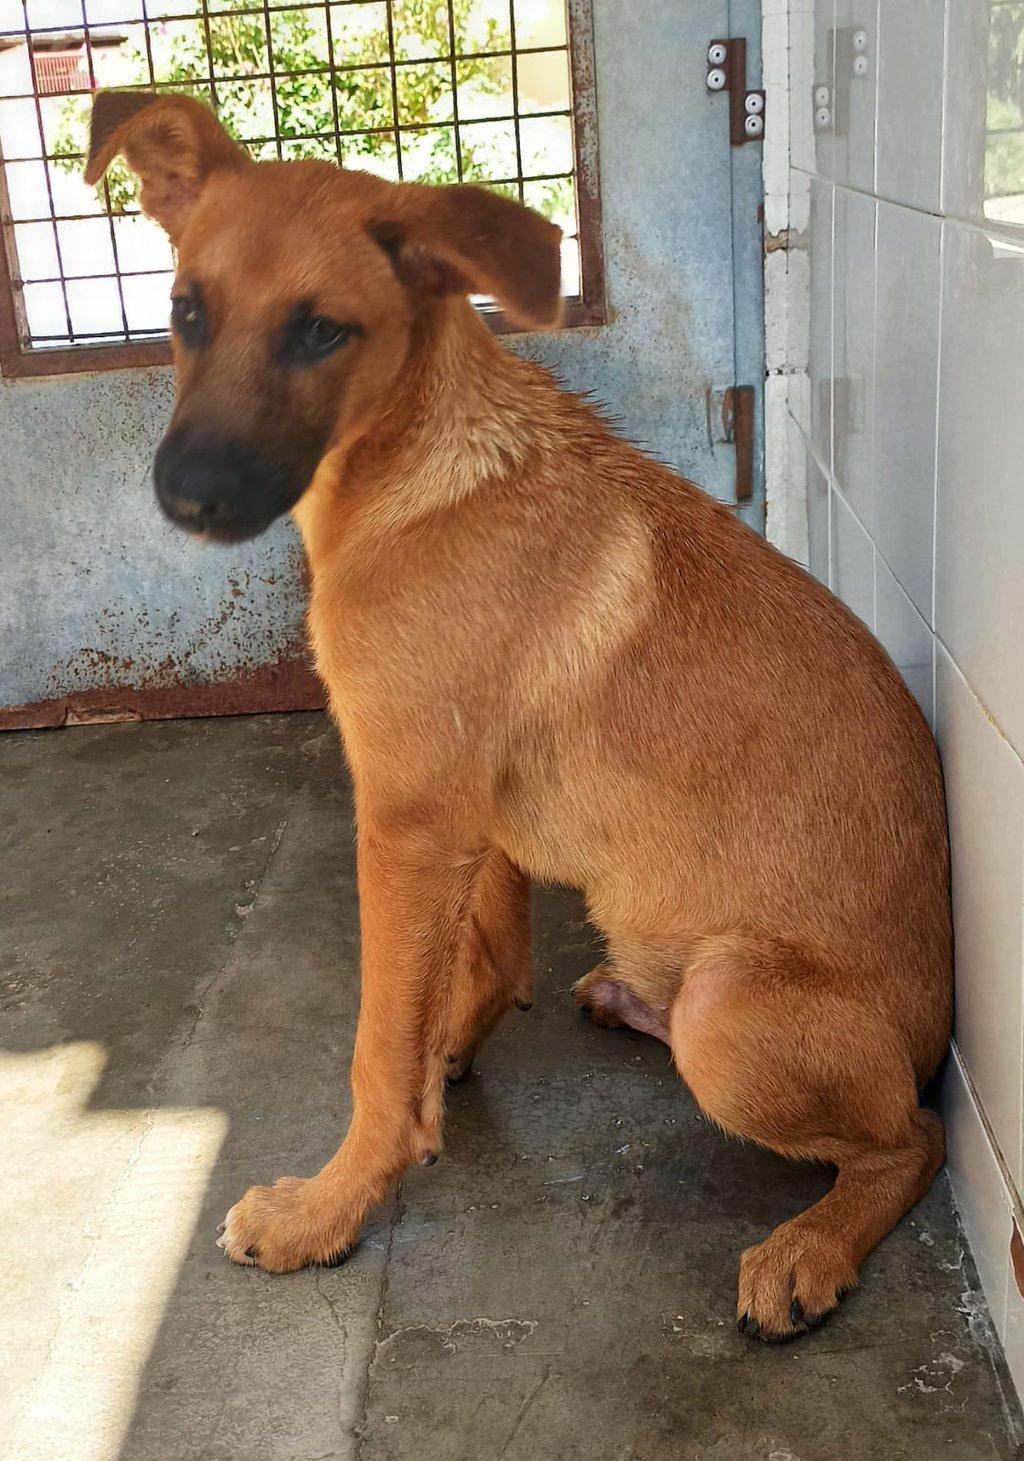 Bildertagebuch - DUMBO, noch kleiner Hundemann mit noch großen Ohren... RESERVIERT 39051925ul